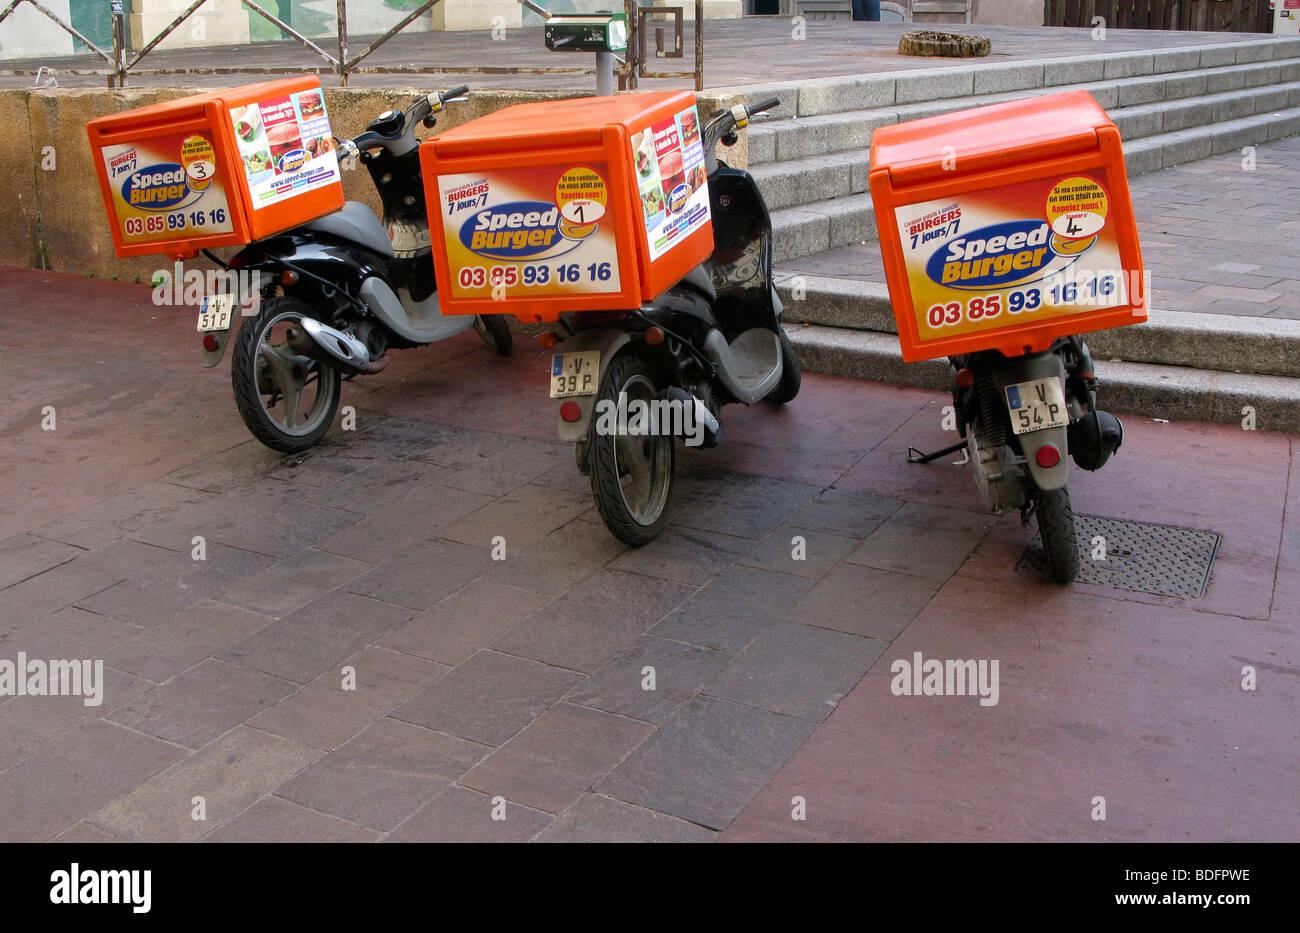 Los vehículos de entrega de comida rápida motocycles Imagen De Stock